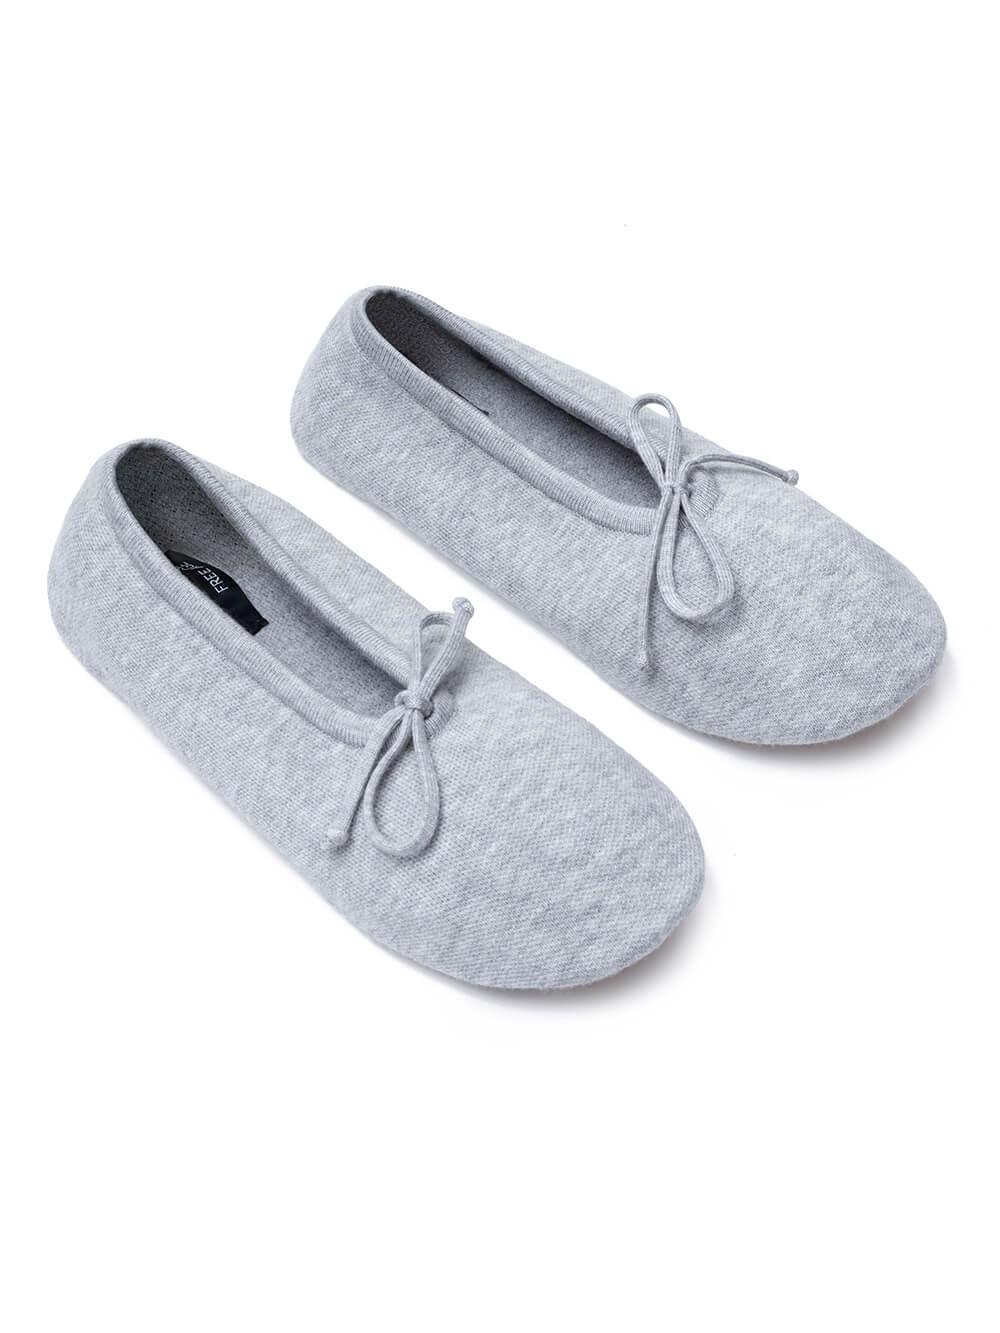 Женские носки серого цвета из вискозы - фото 1